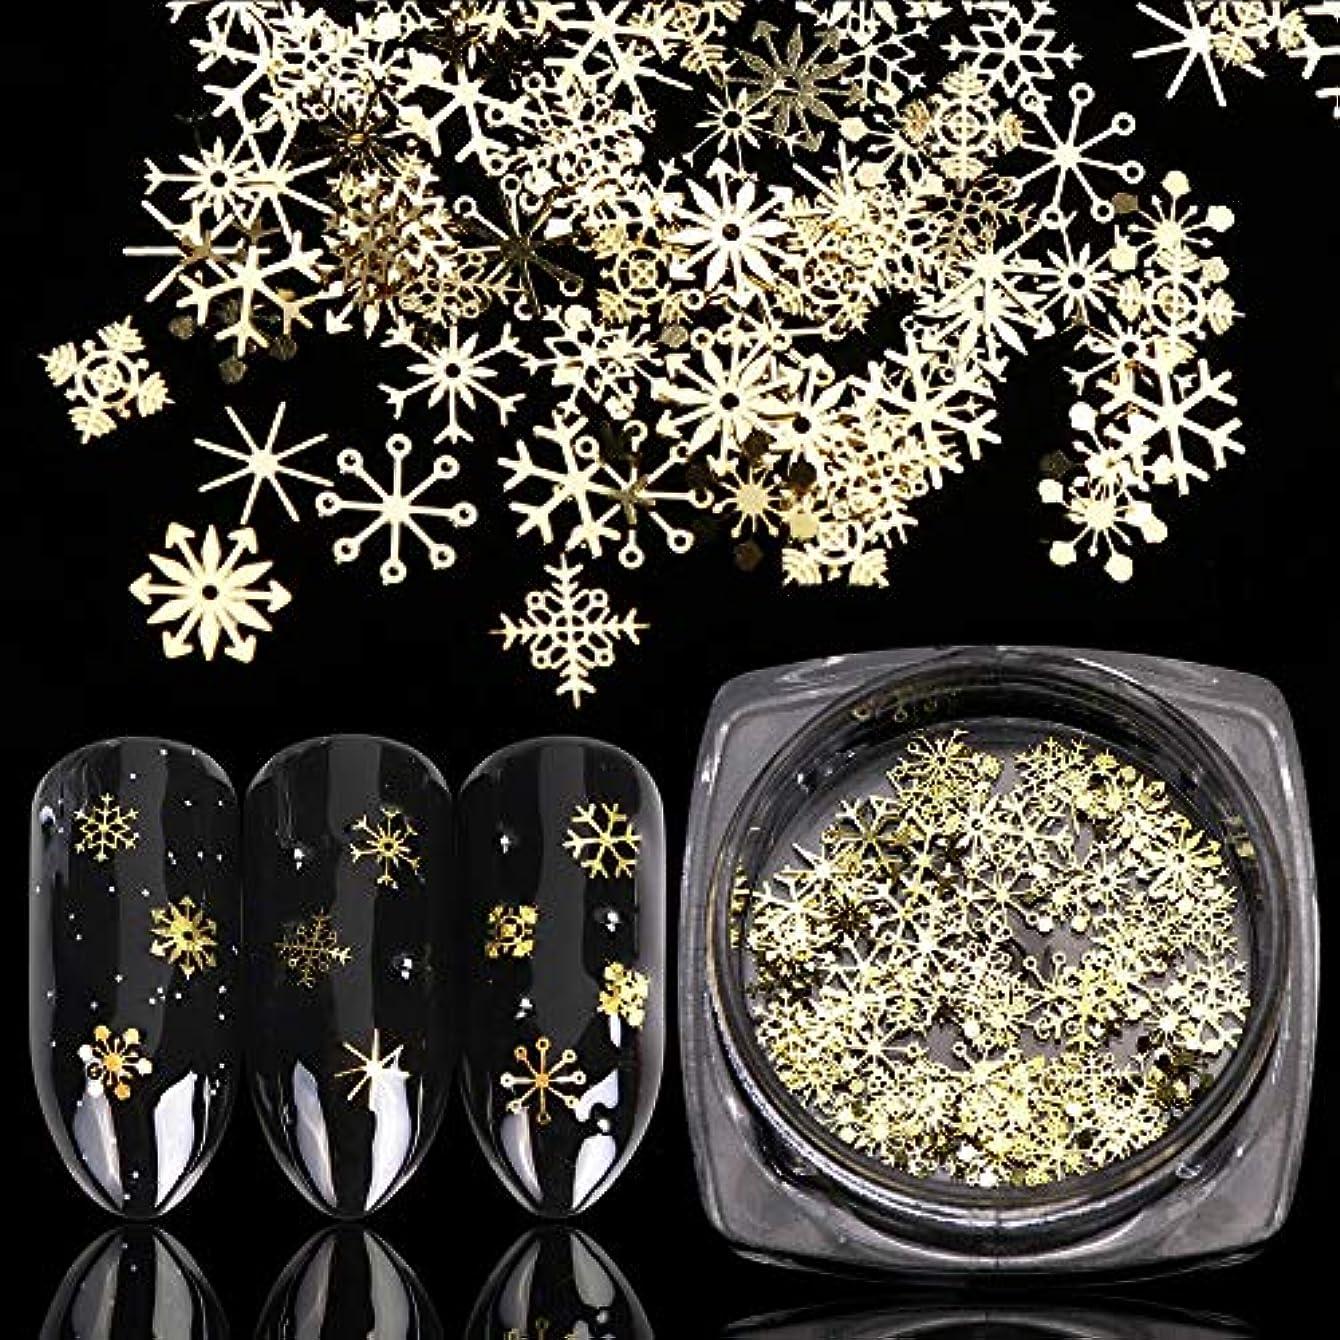 フリンジコインランドリー遵守するネイルアートのためのゴールドネイルグリッタースパンコールスノーフレークミックスデザインデコレーション1本